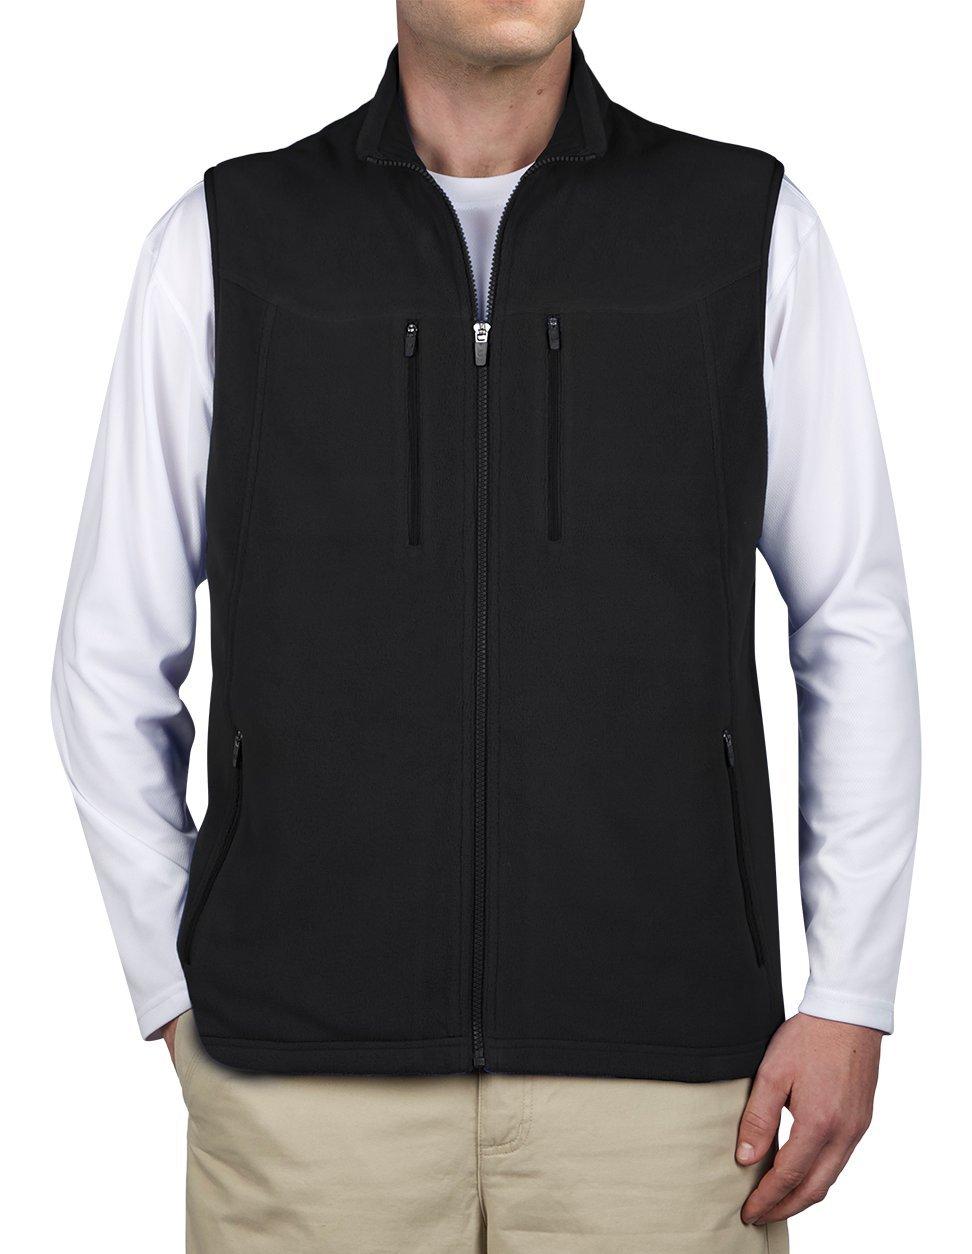 SCOTTeVEST Fireside Vest for Men - 15 Pockets - BLK XXXL